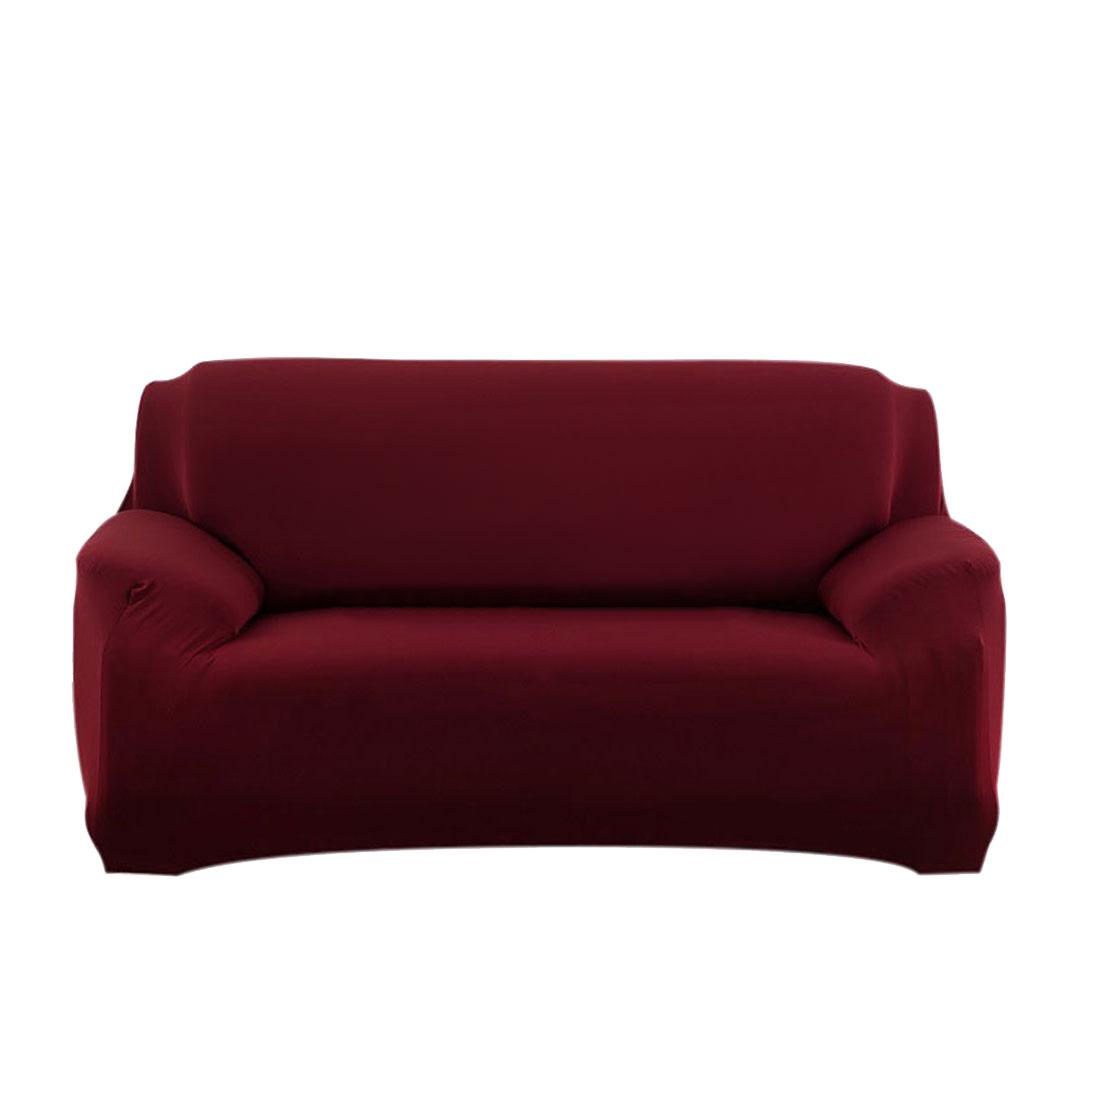 Household Sofa Loveseat Stretch Cover Slipcover Burgundy 55''-74''